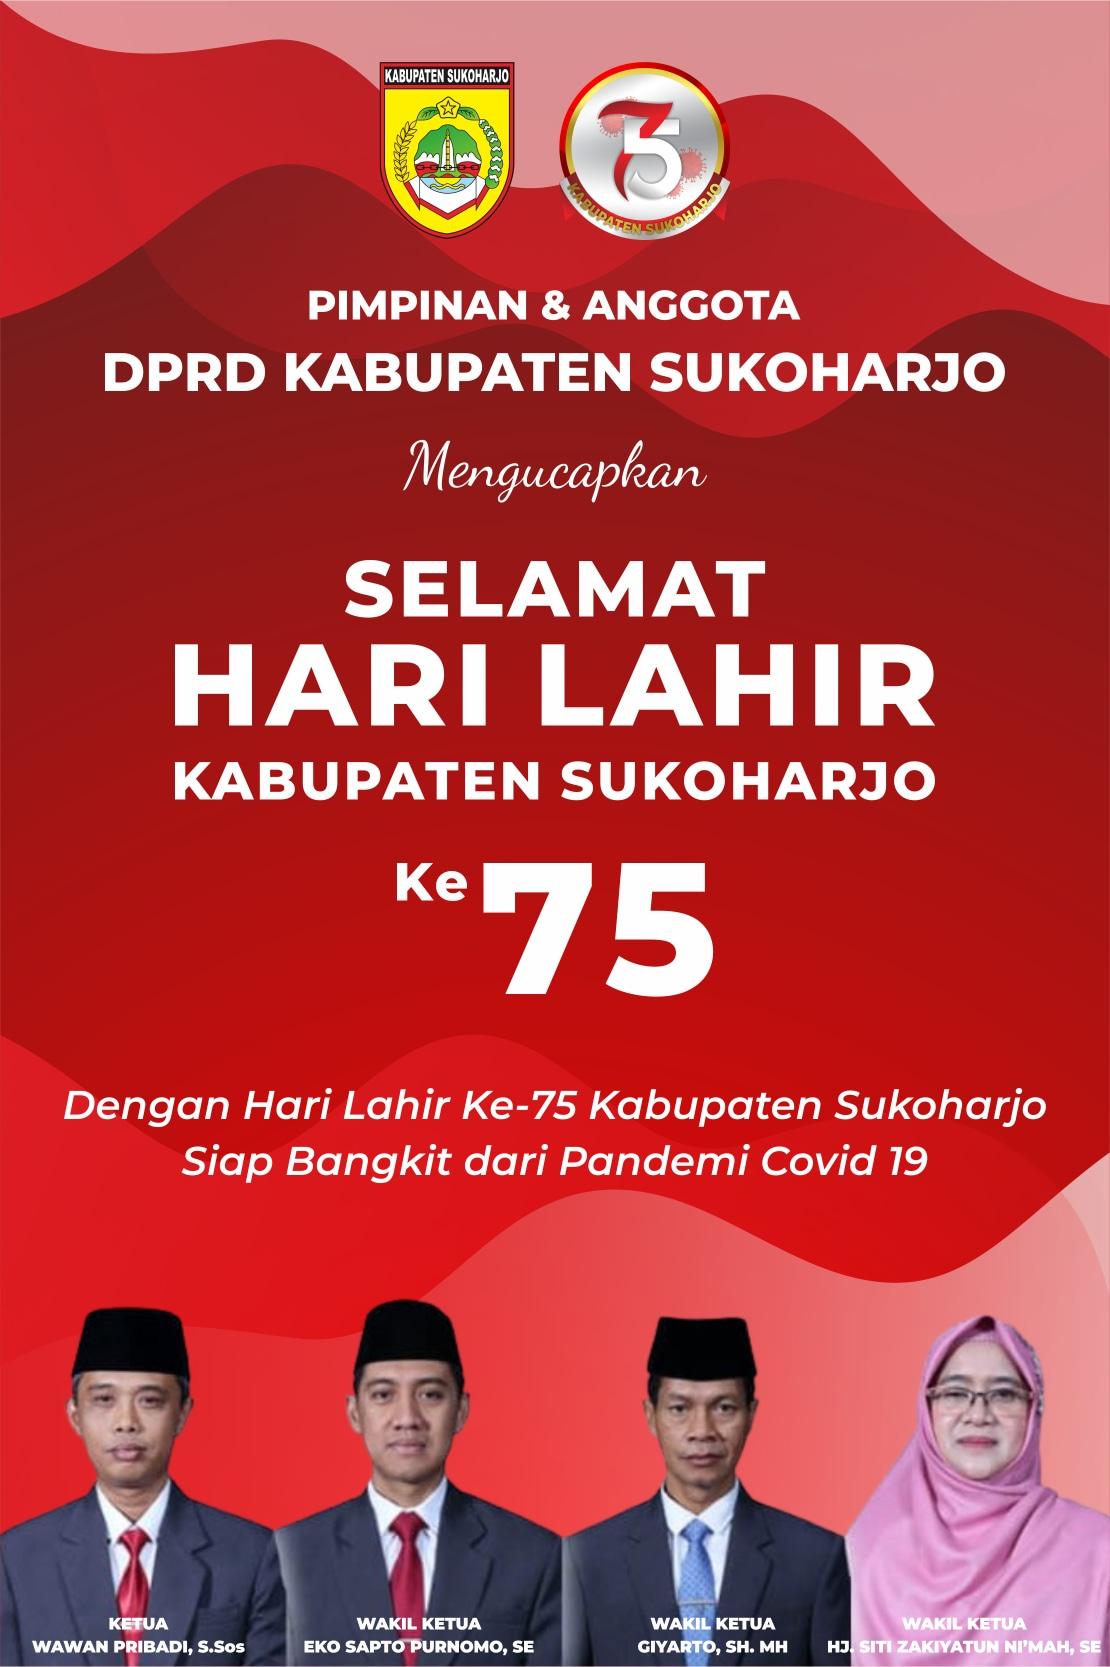 banner harlah dprd1